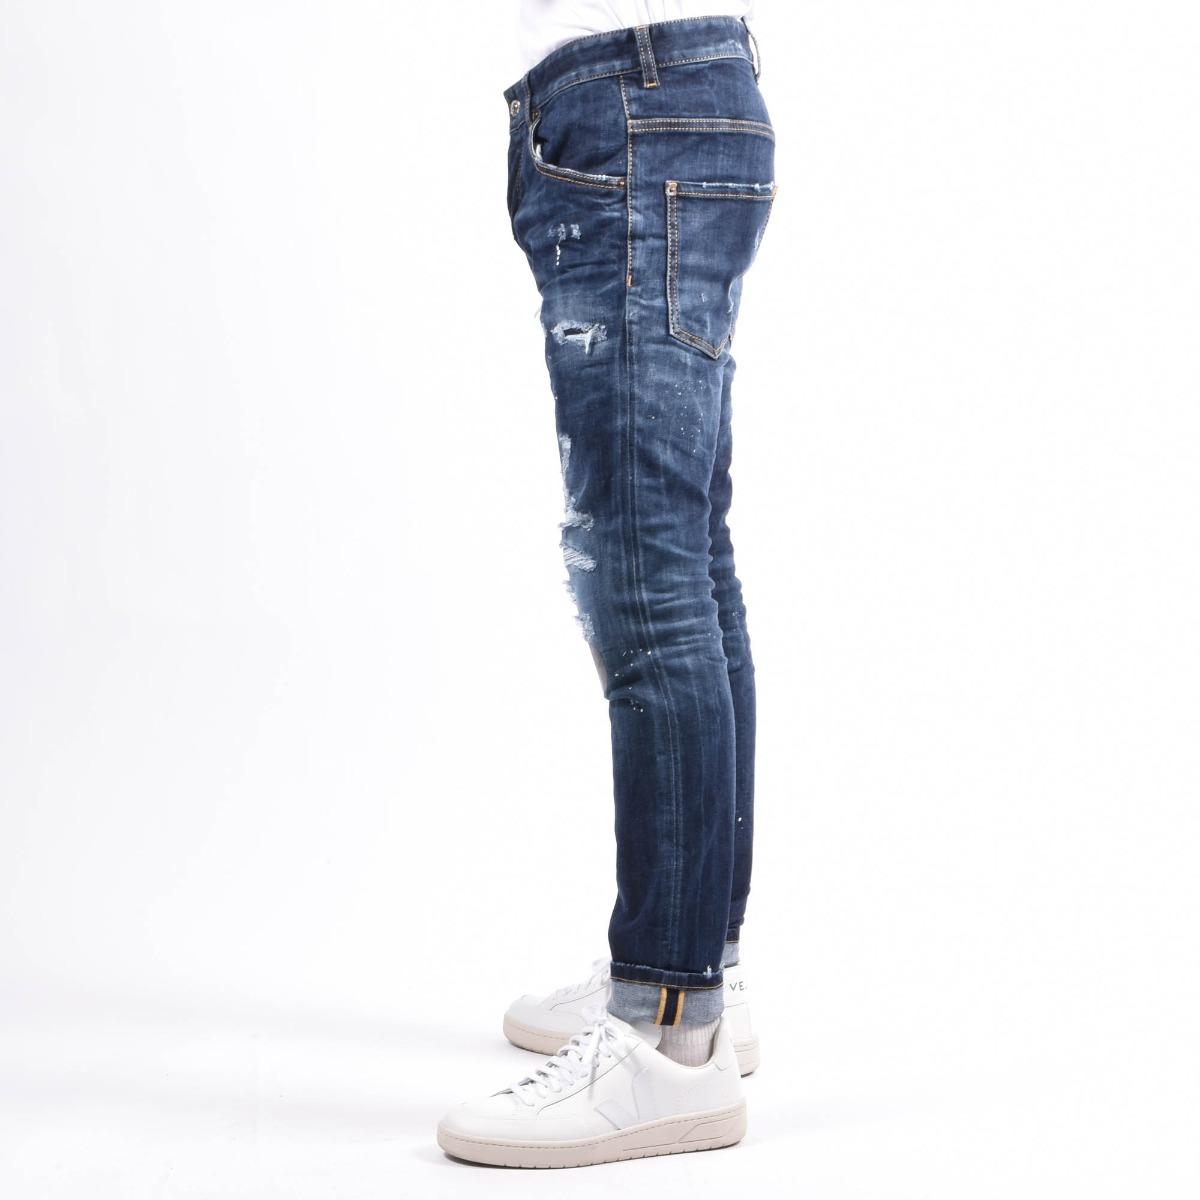 Jeans skater- Denim medio